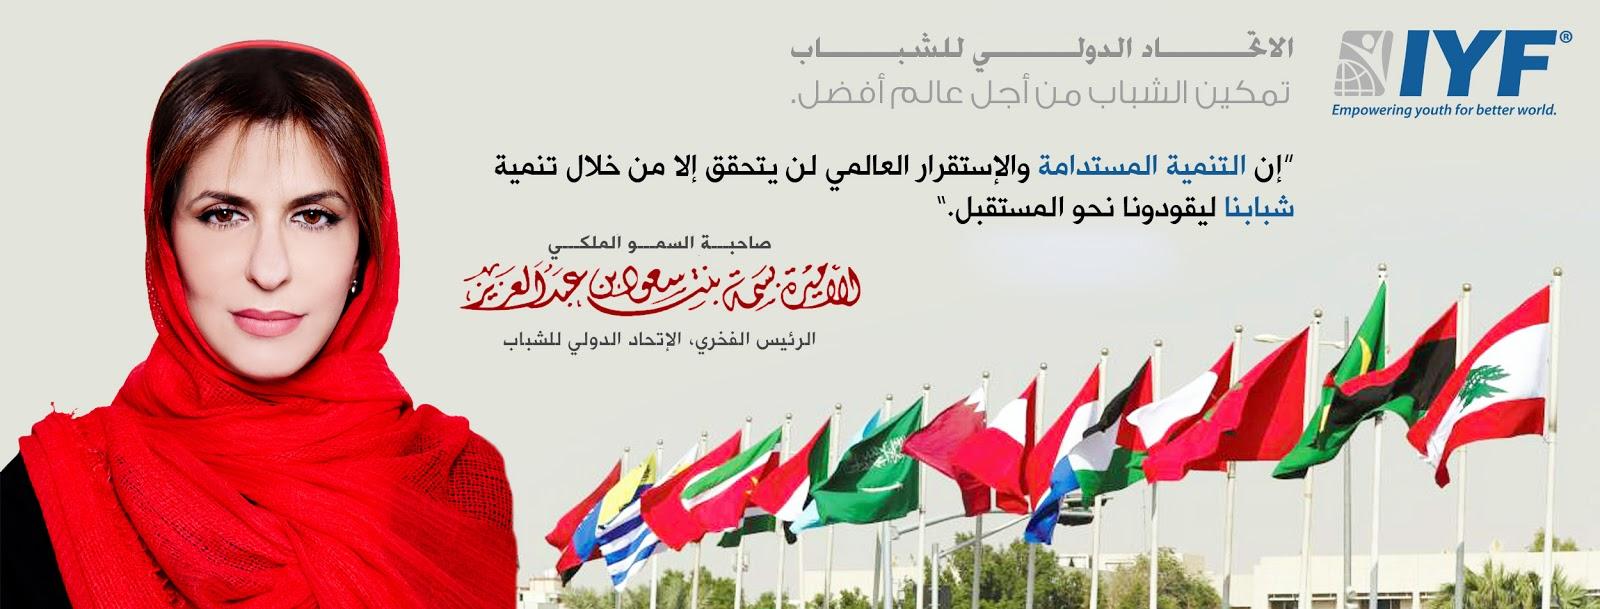 صاحبة السمو الملكي الأميرة بسمة بنت سعود، الرئيس الفخري الإتحاد الدولي للشباب